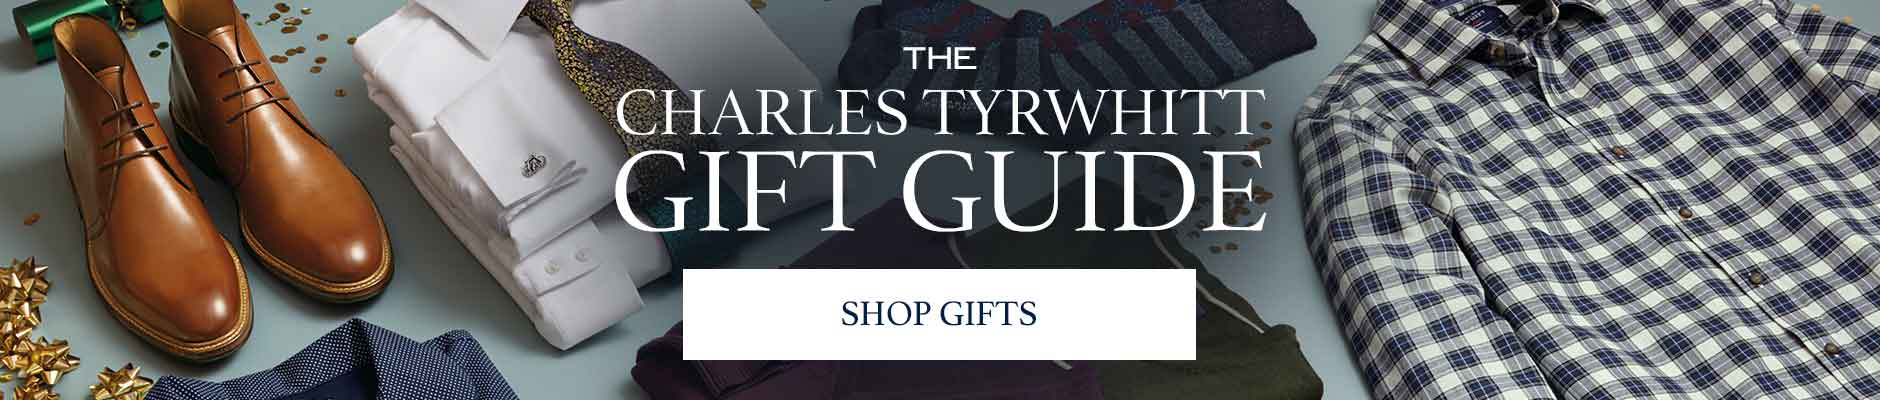 Charles Tyrwhitt Gift Guide